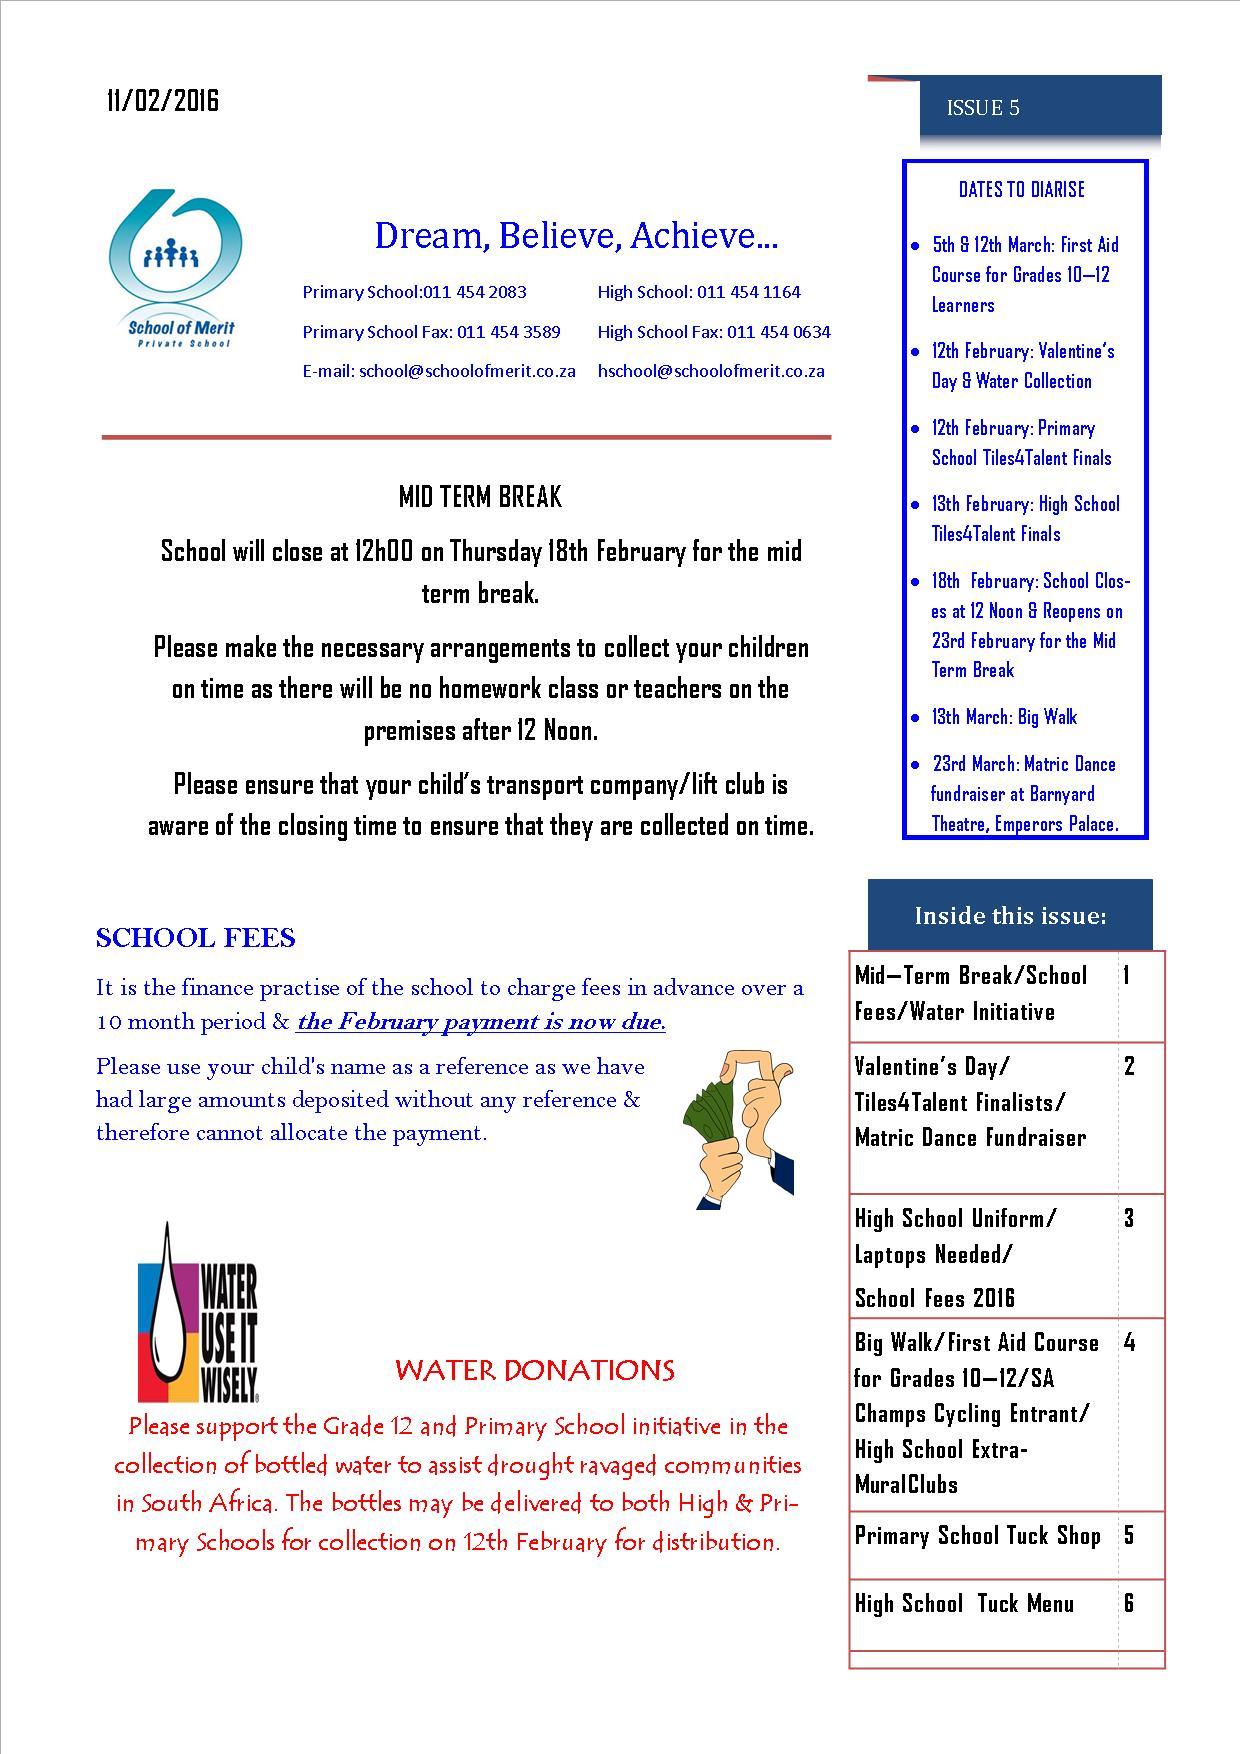 Newsletter 5 pg 1- 2016